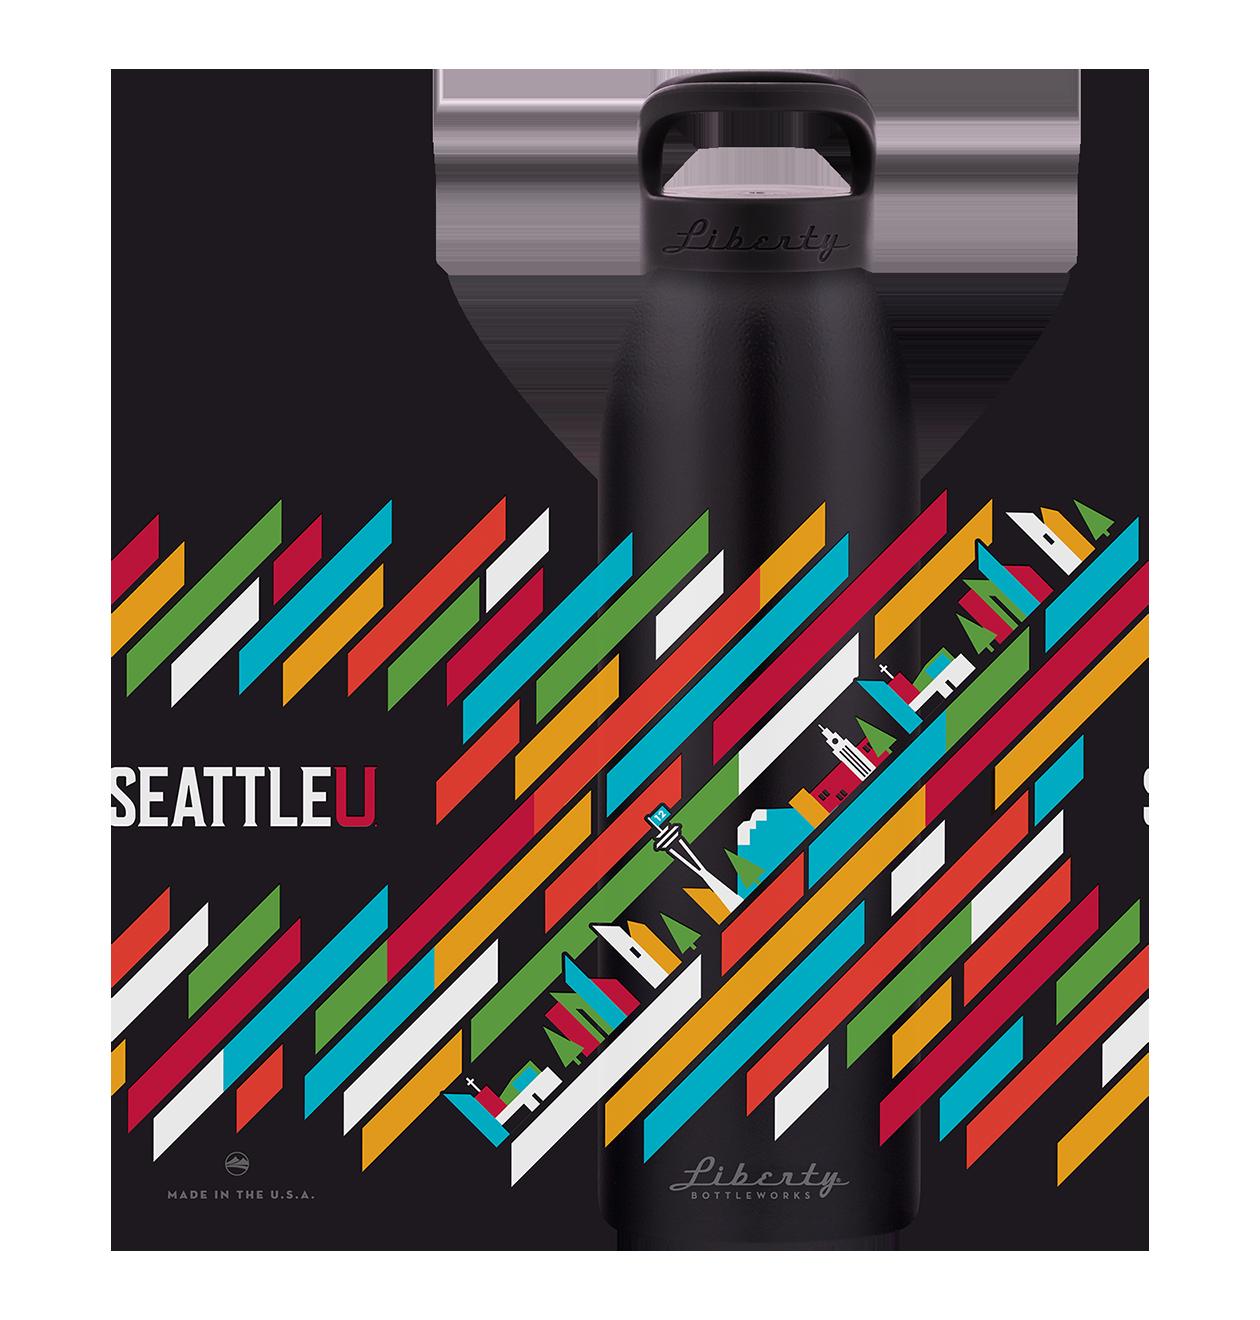 SeattleU2_small2.png